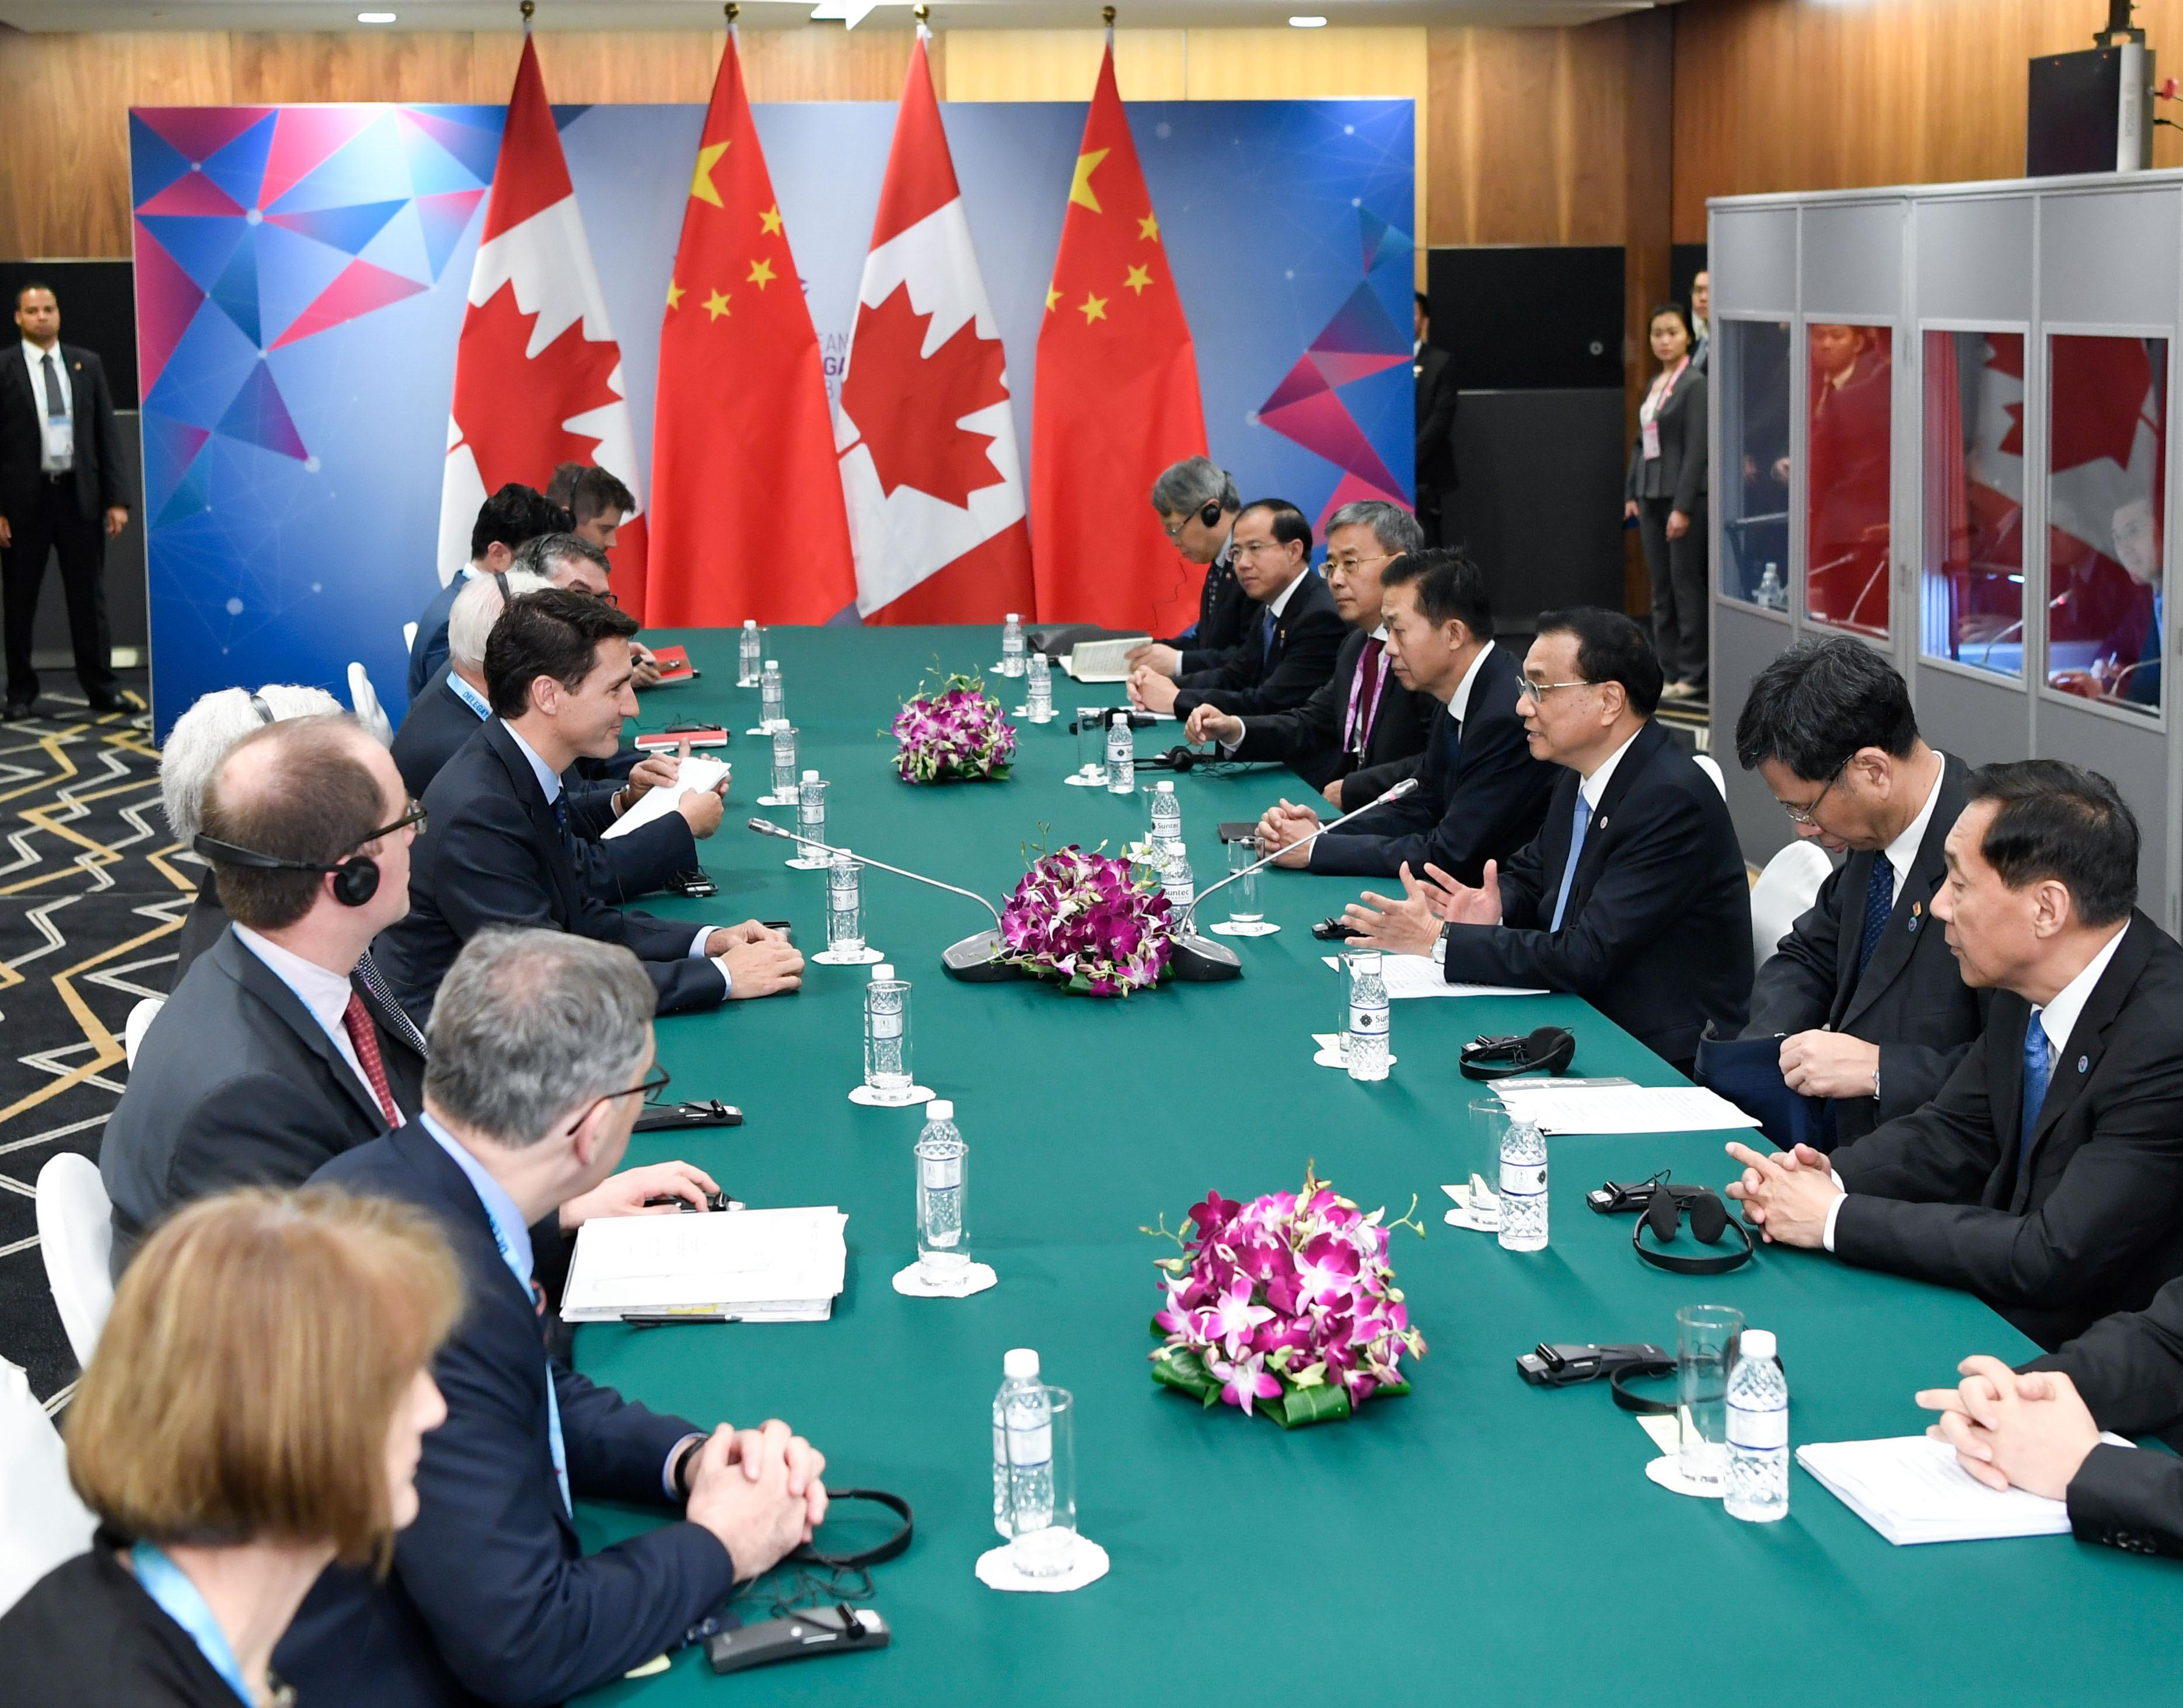 李克強総理、トルドー首相と首相年度対話 FTA交渉推進を確認